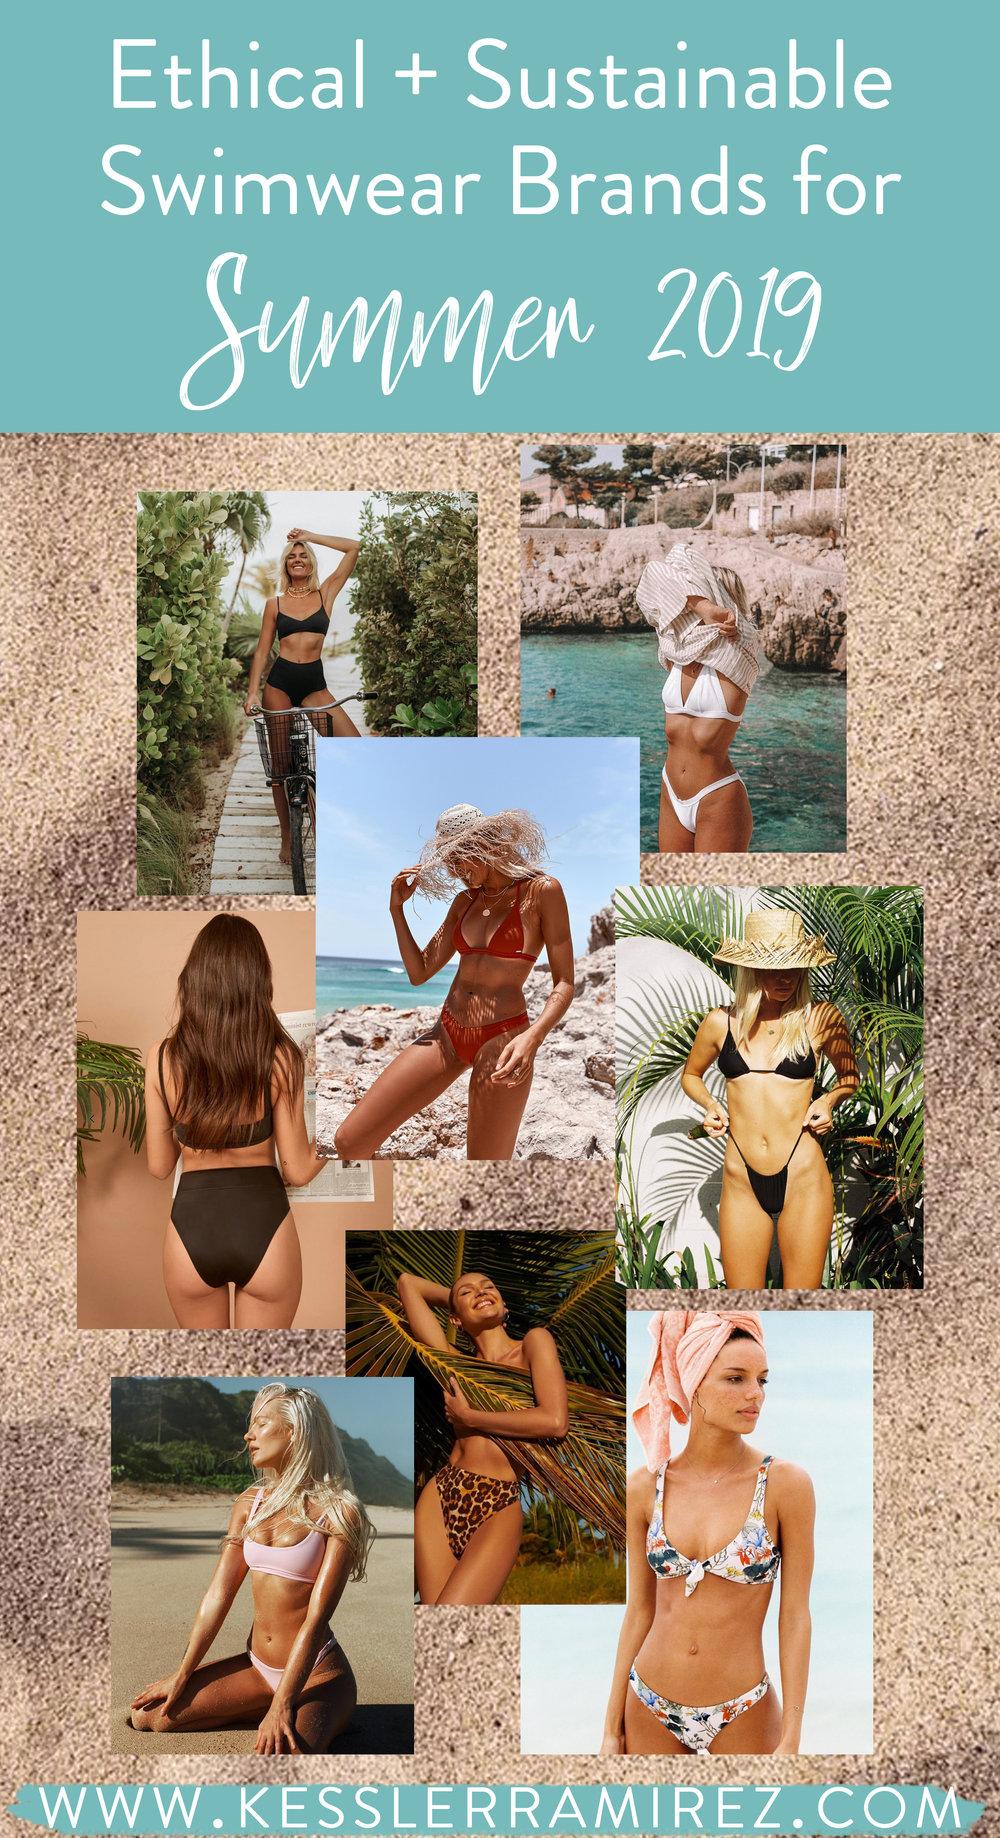 Ethical and sustainable bikini brands for summer 2019 – www.kesslerramirez.com